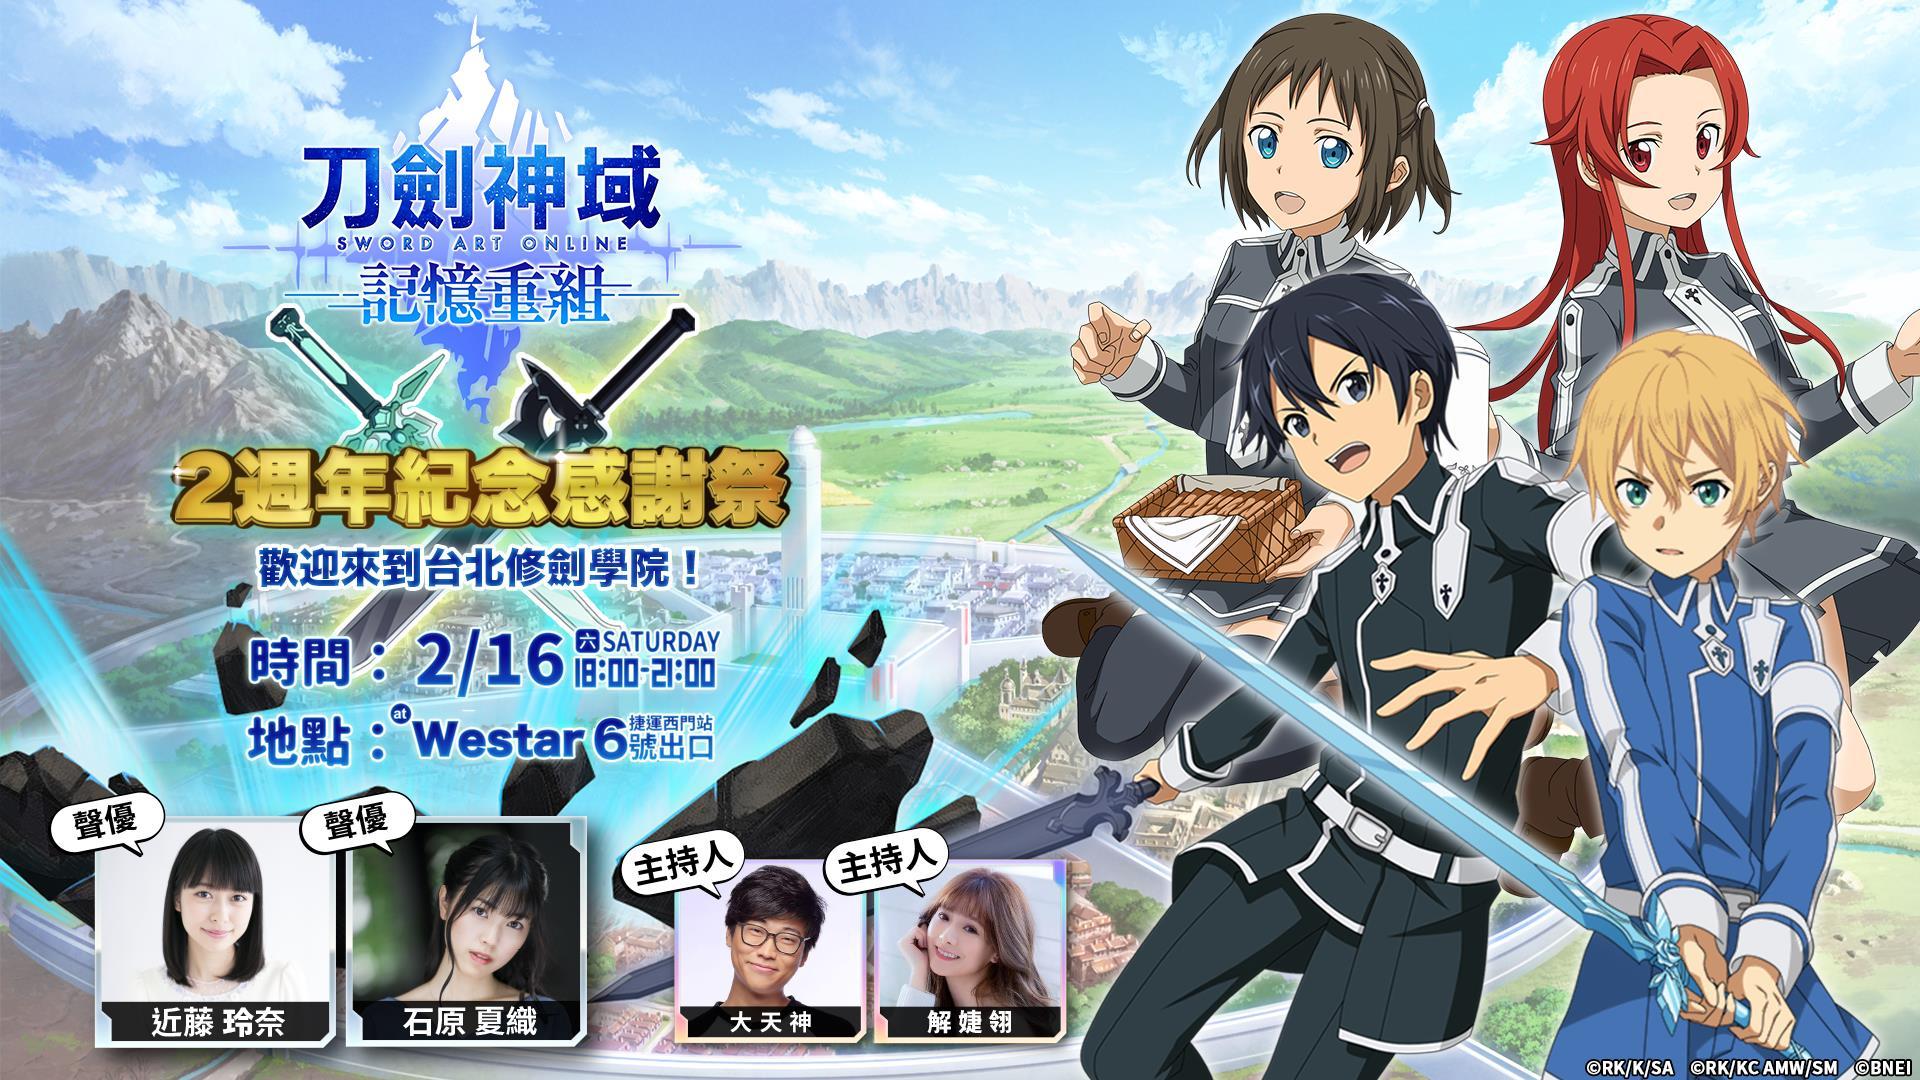 《刀劍神域-記憶重組-》2週年紀念感謝祭 將在台灣舉辦!